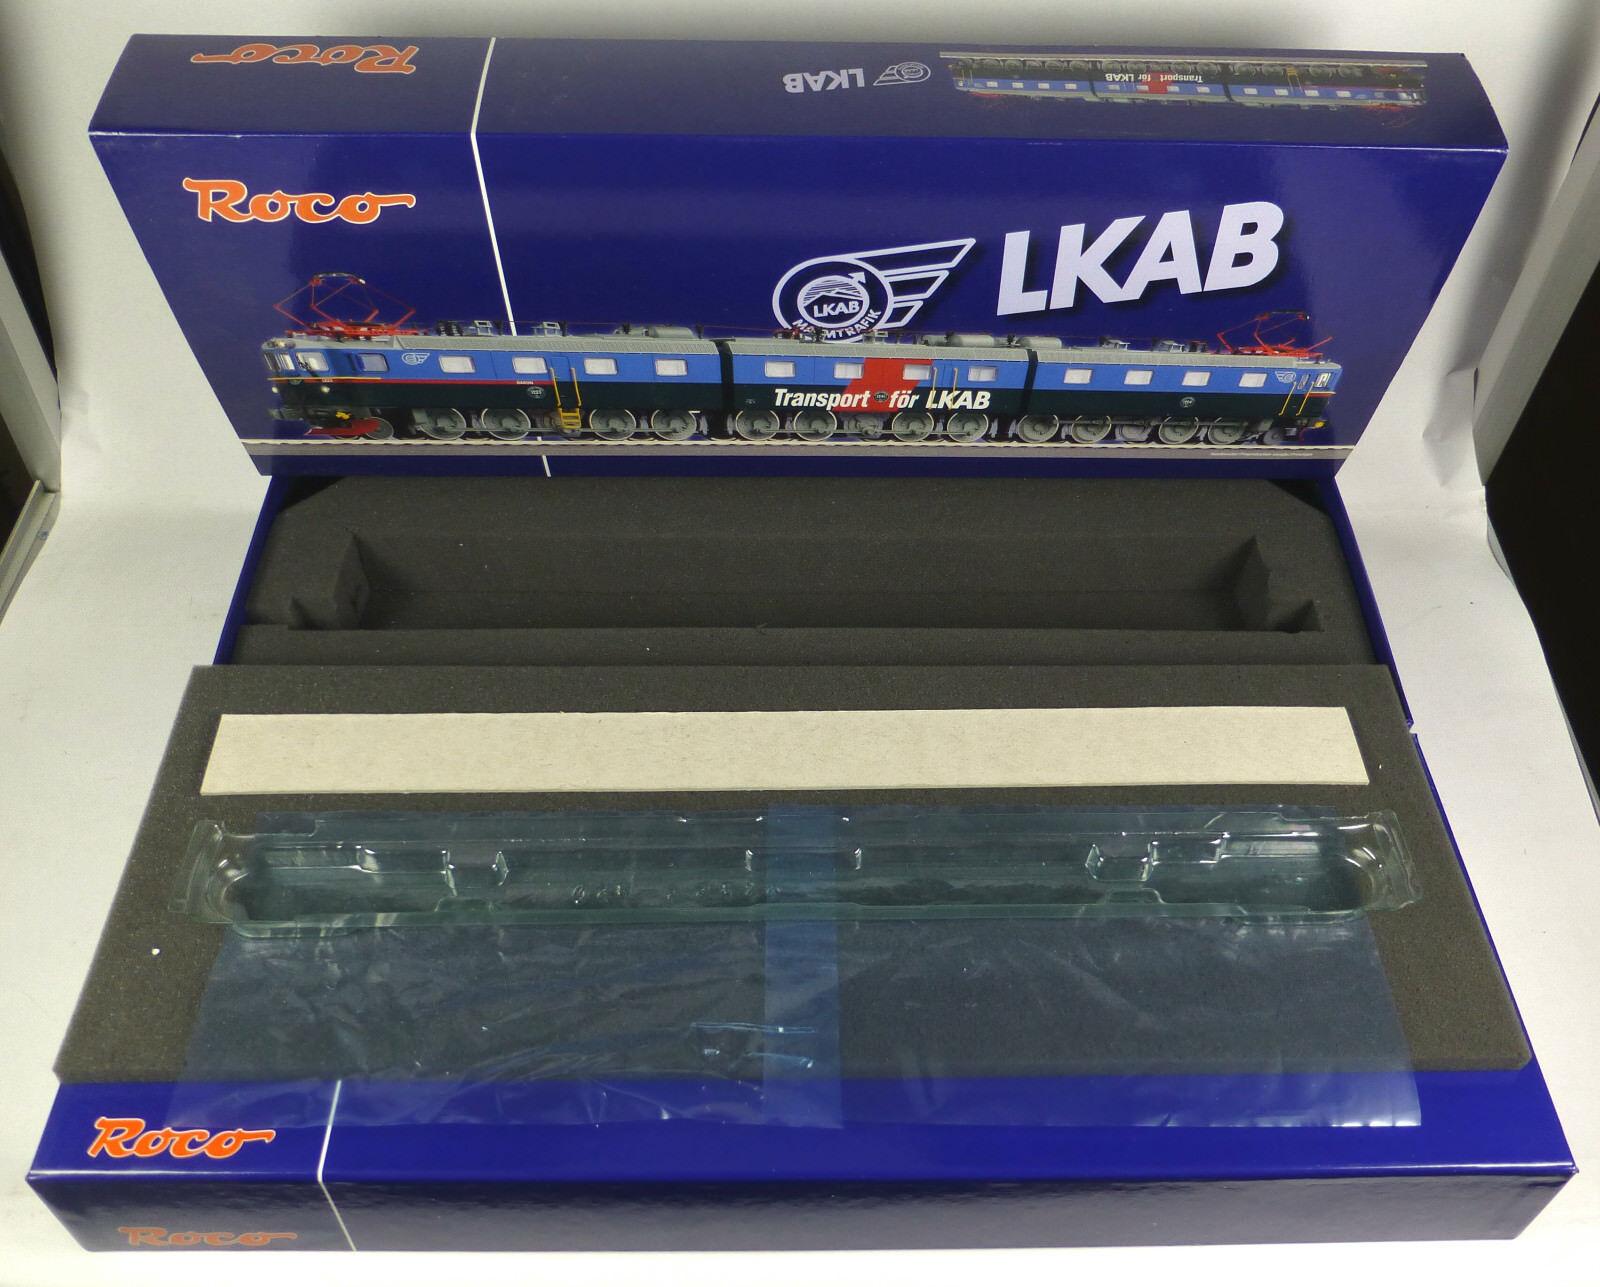 Roco cartón vacía 63754 e-Lok br dm3 1223 1241 1224 barón LKAB sb 1510 Empty Box